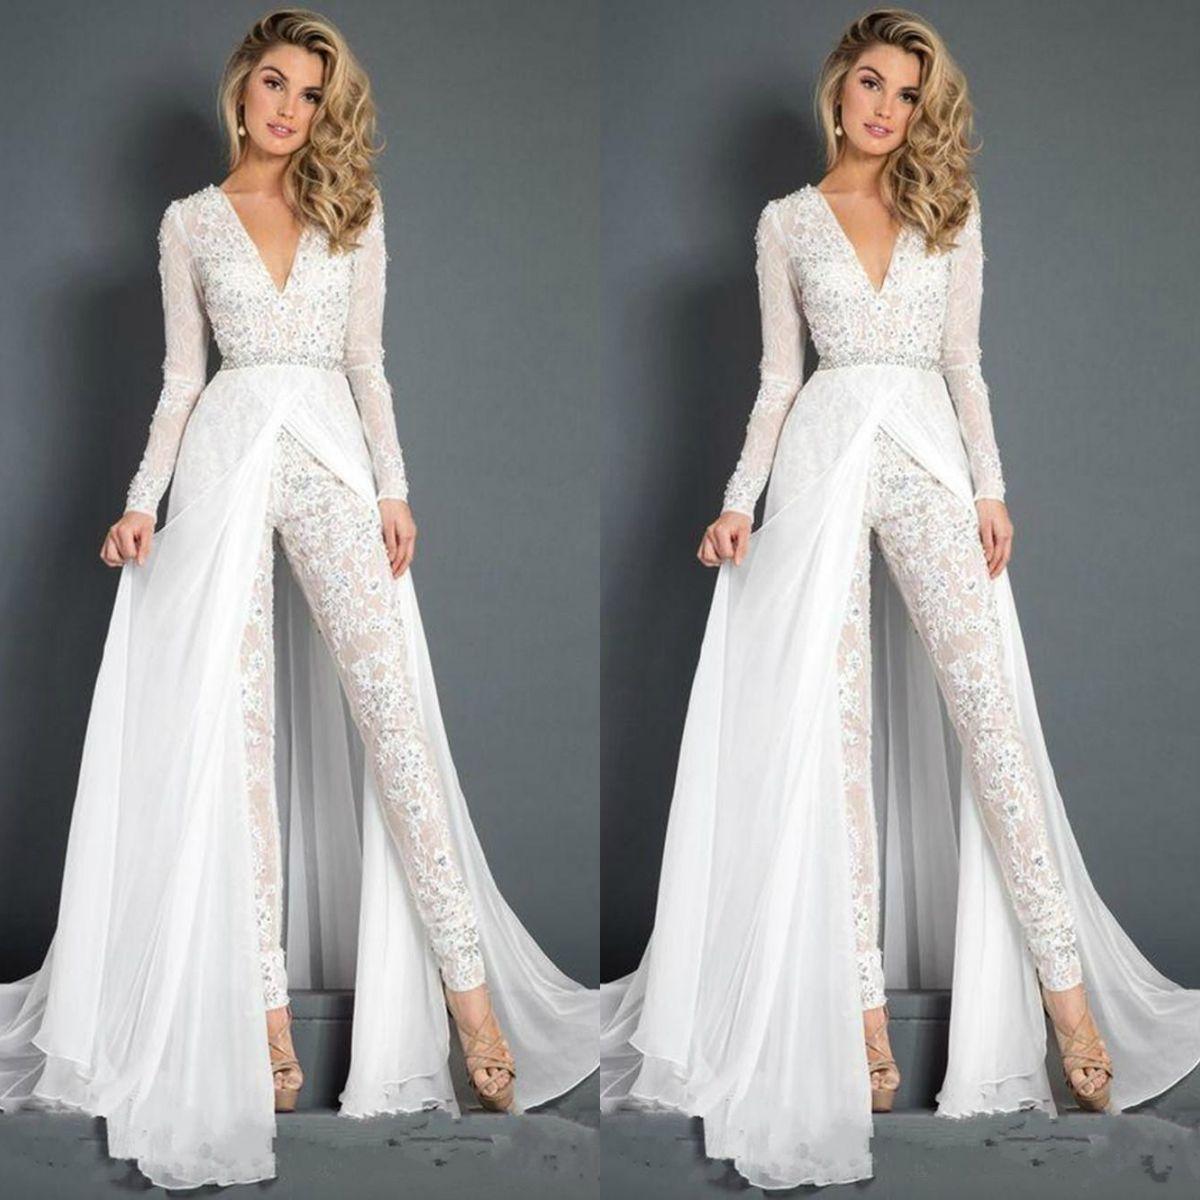 Beyaz Tulumlar Gelinlik Modelleri Boncuklu Dantel Derin V Boyun Oranlar Örgün Akşam Parti Abiye Ucuz Uzun Kollu Beach Özel Durum Pantolon